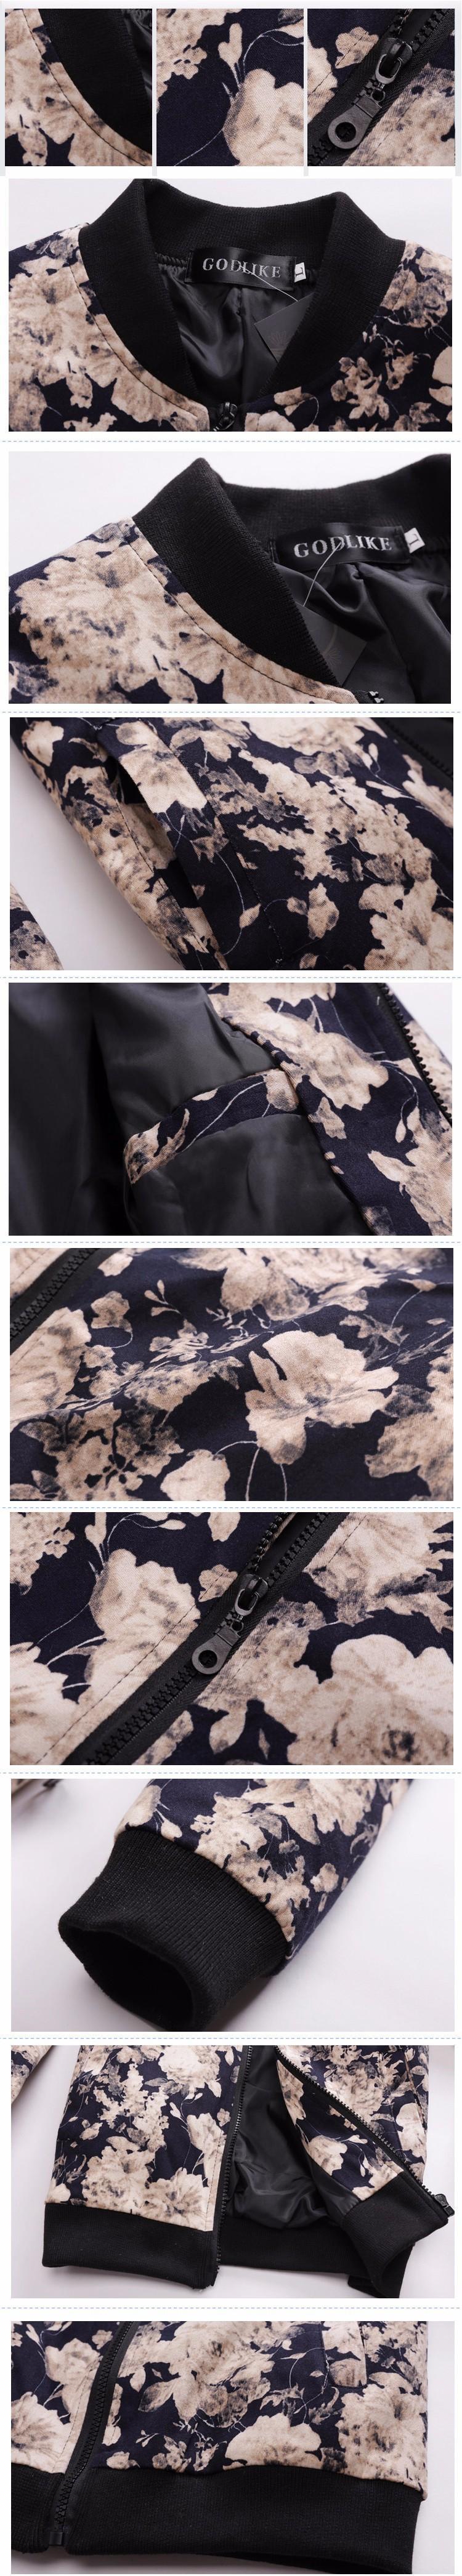 HTB1B07NLXXXXXcEXXXXq6xXFXXX8 - 2015 brand Men's Slim jacquard jacket coat autumn fashion leisure wild cardigan stylish floral jacket men